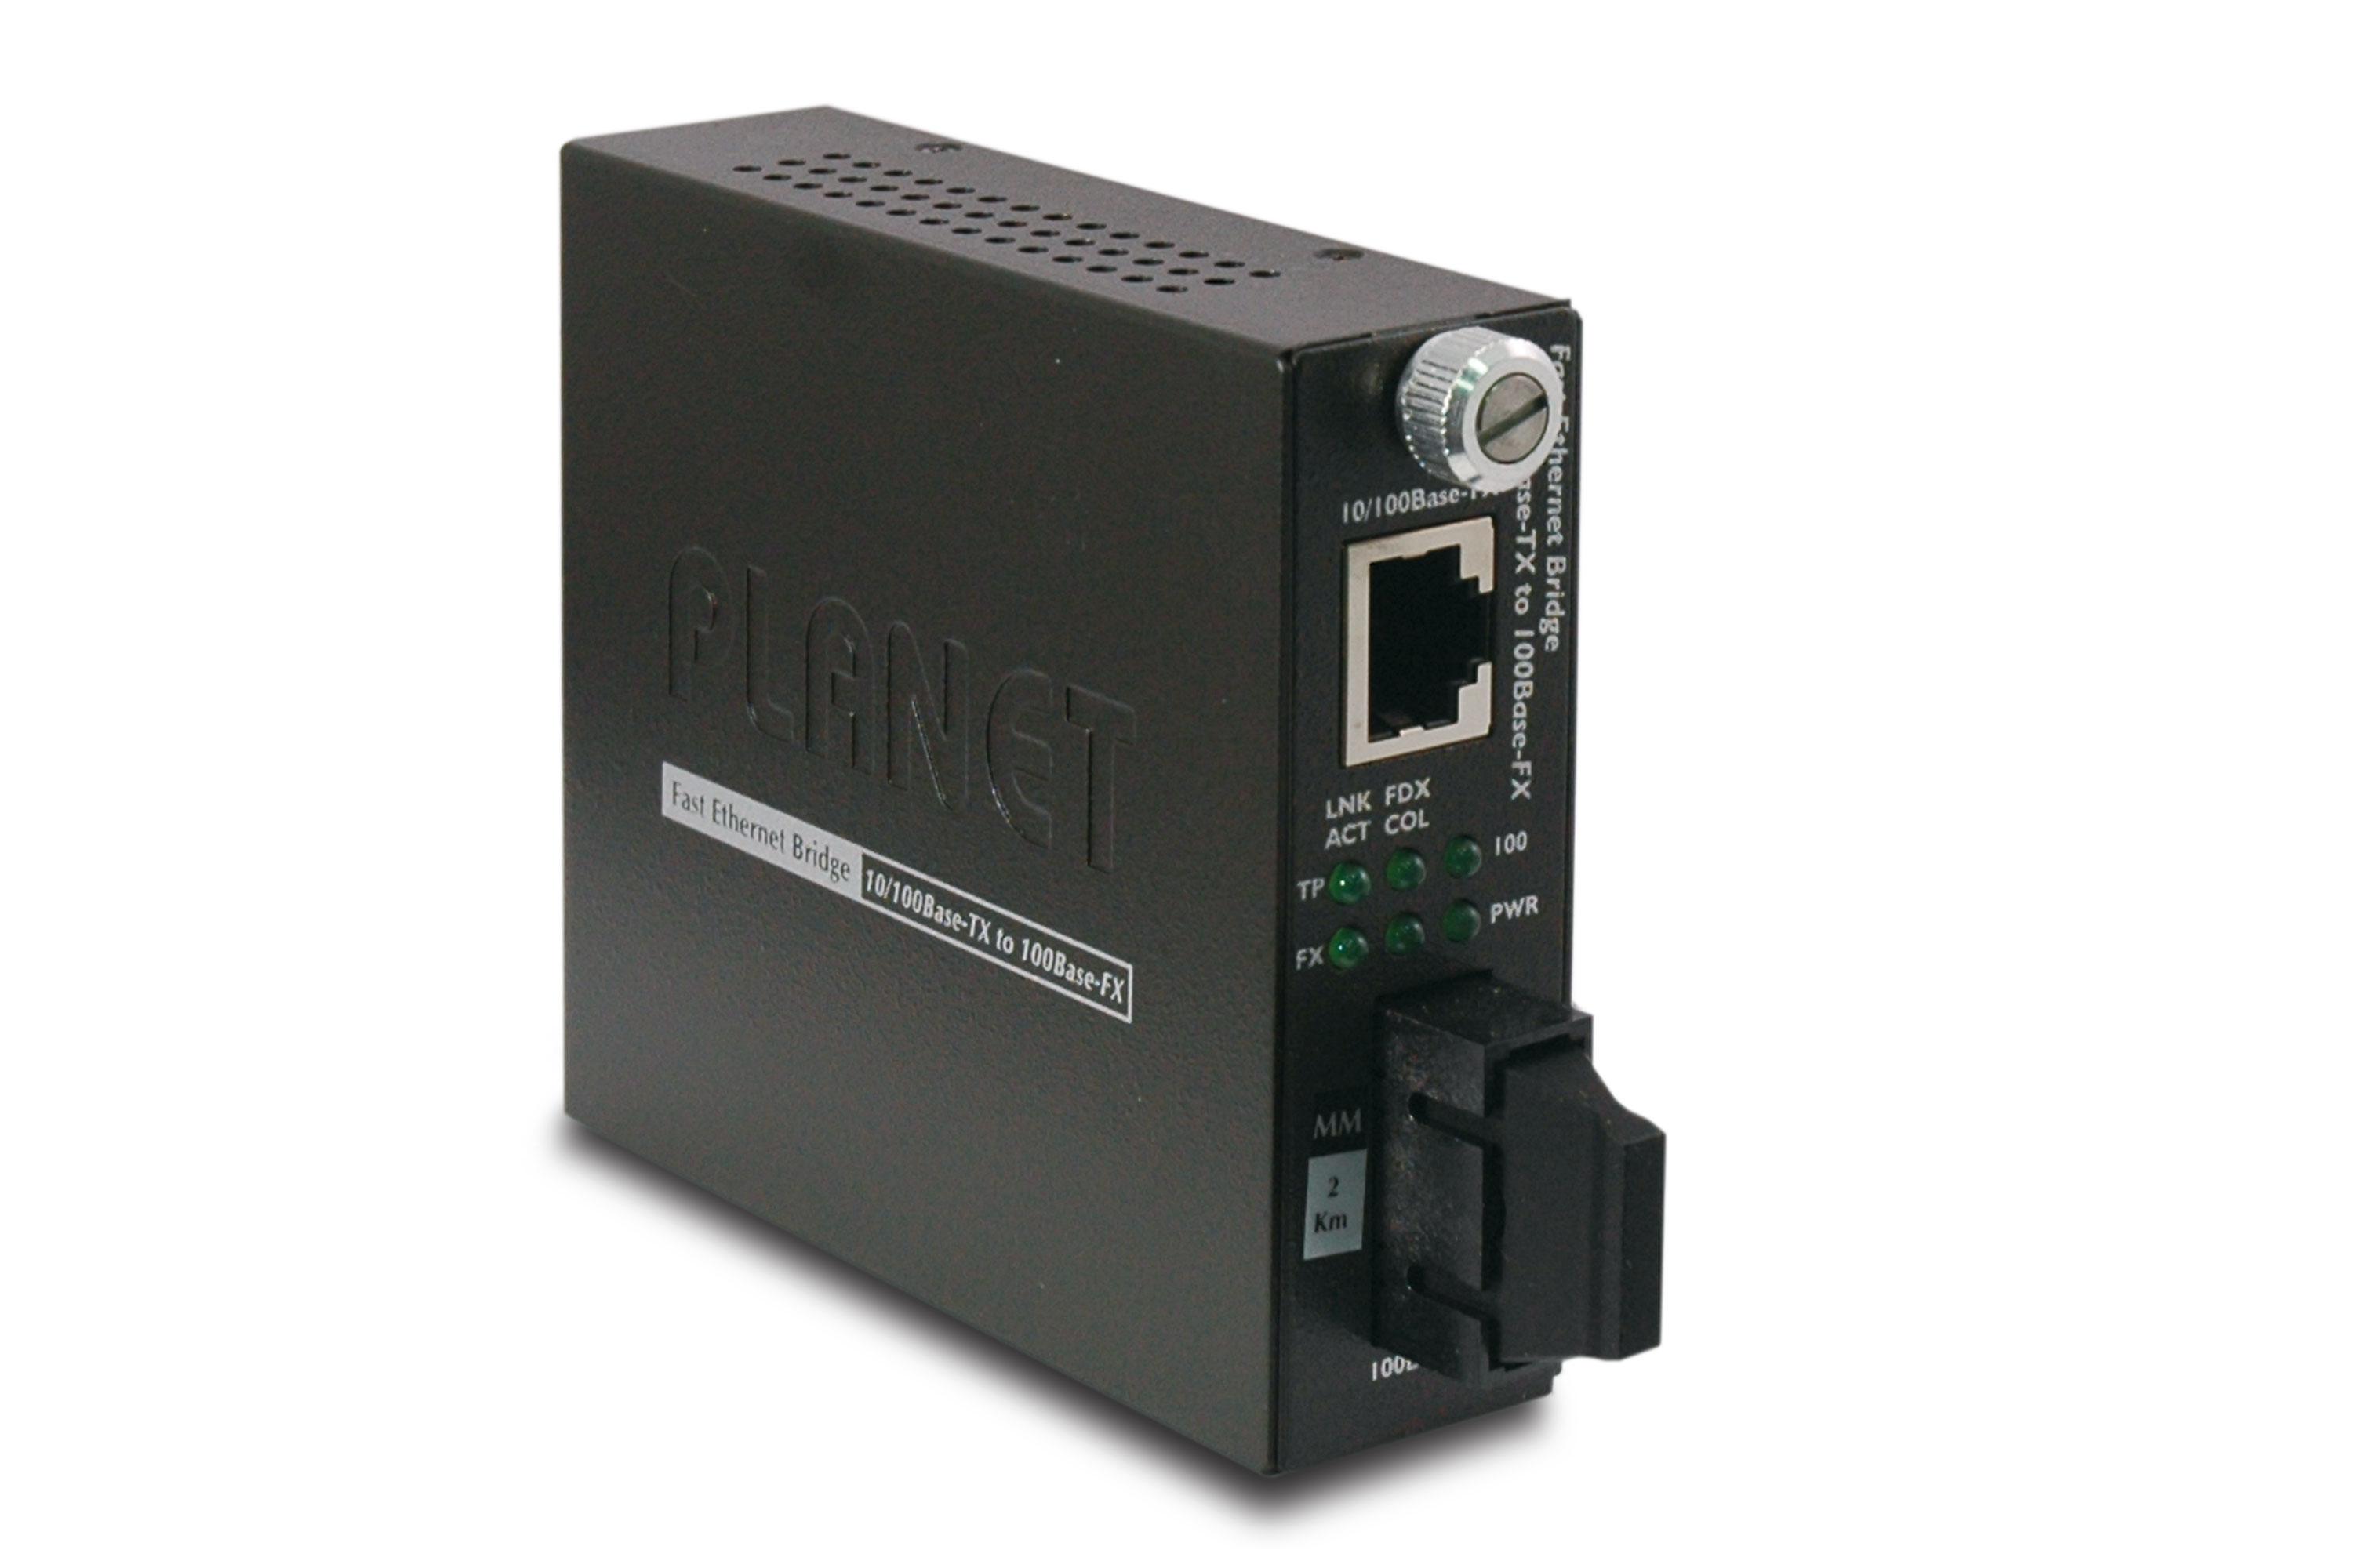 Planet FST-802 - 100 Mbit/s - 10Base-T,100Base-TX - 100Base-FX - IEEE 802.3,IEEE 802.3u - SC - Verkabelt